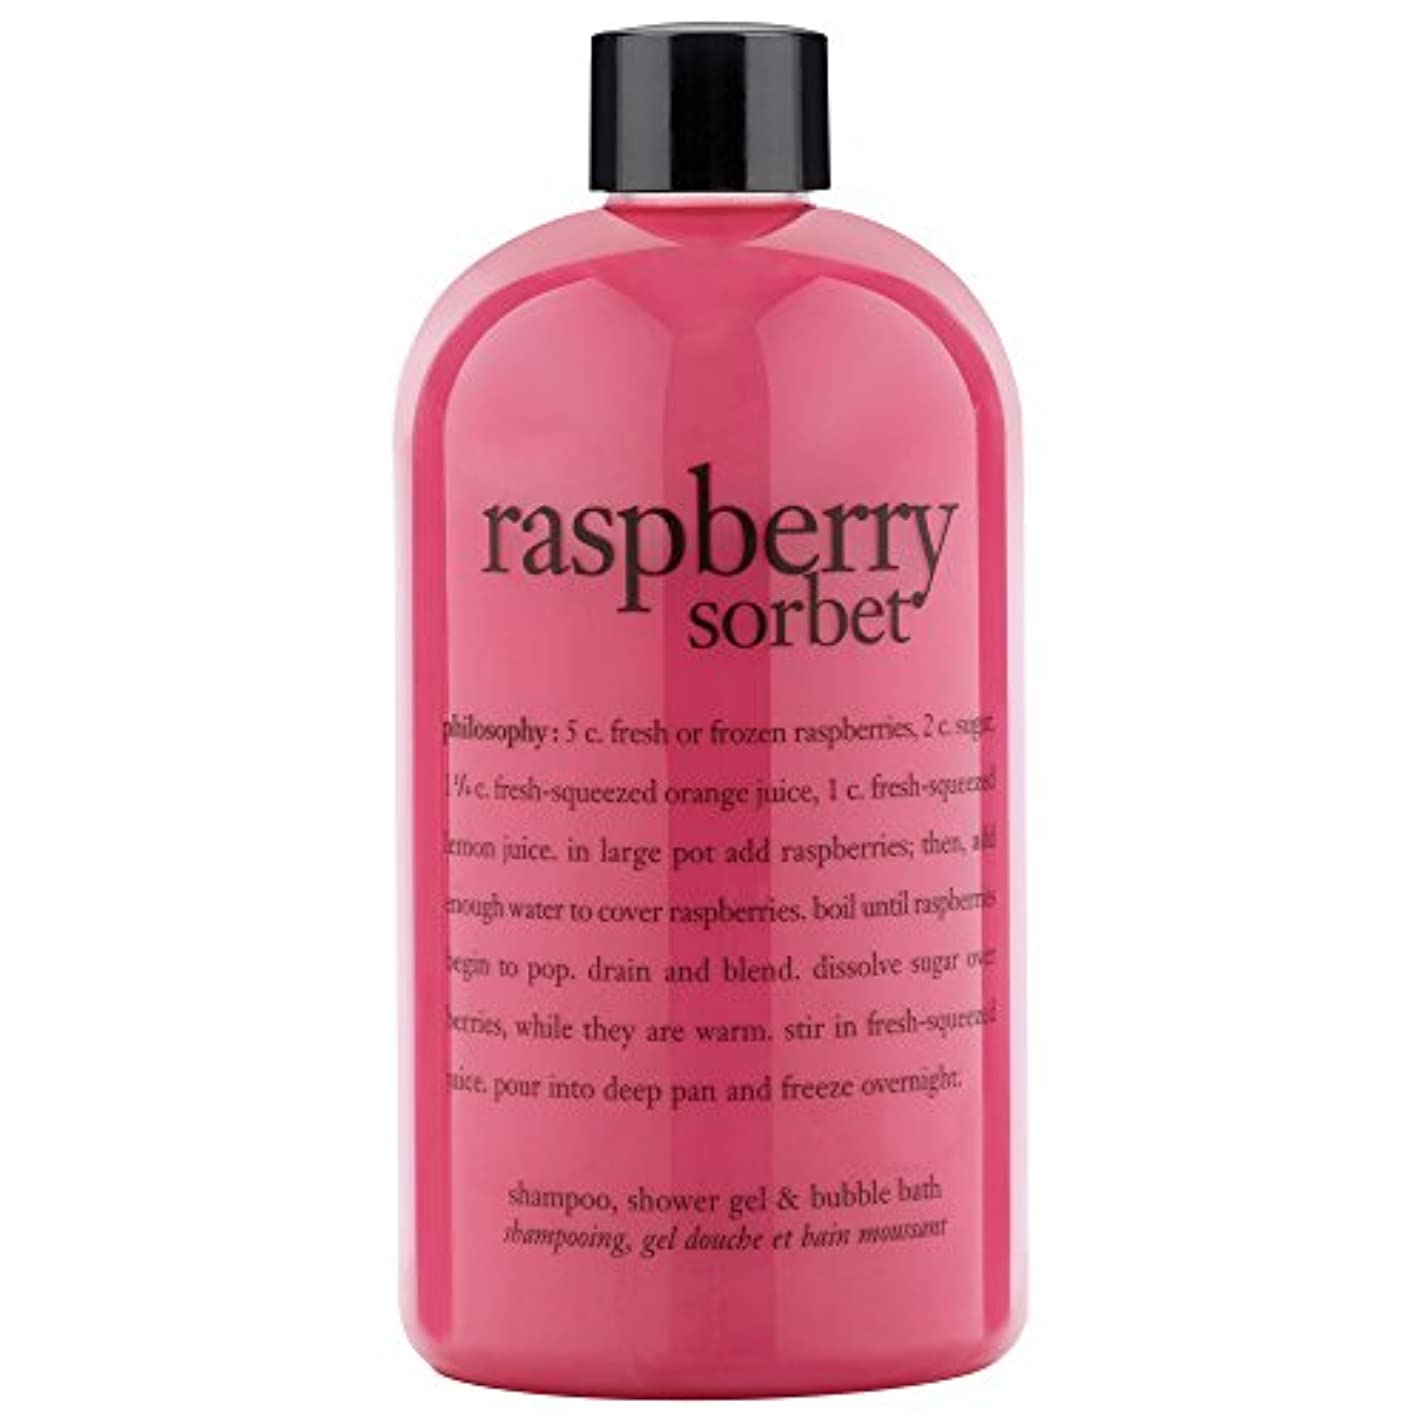 広い知らせる文字哲学ラズベリーシャワージェル480ミリリットル (Philosophy) - Philosophy Raspberry Shower Gel 480ml [並行輸入品]